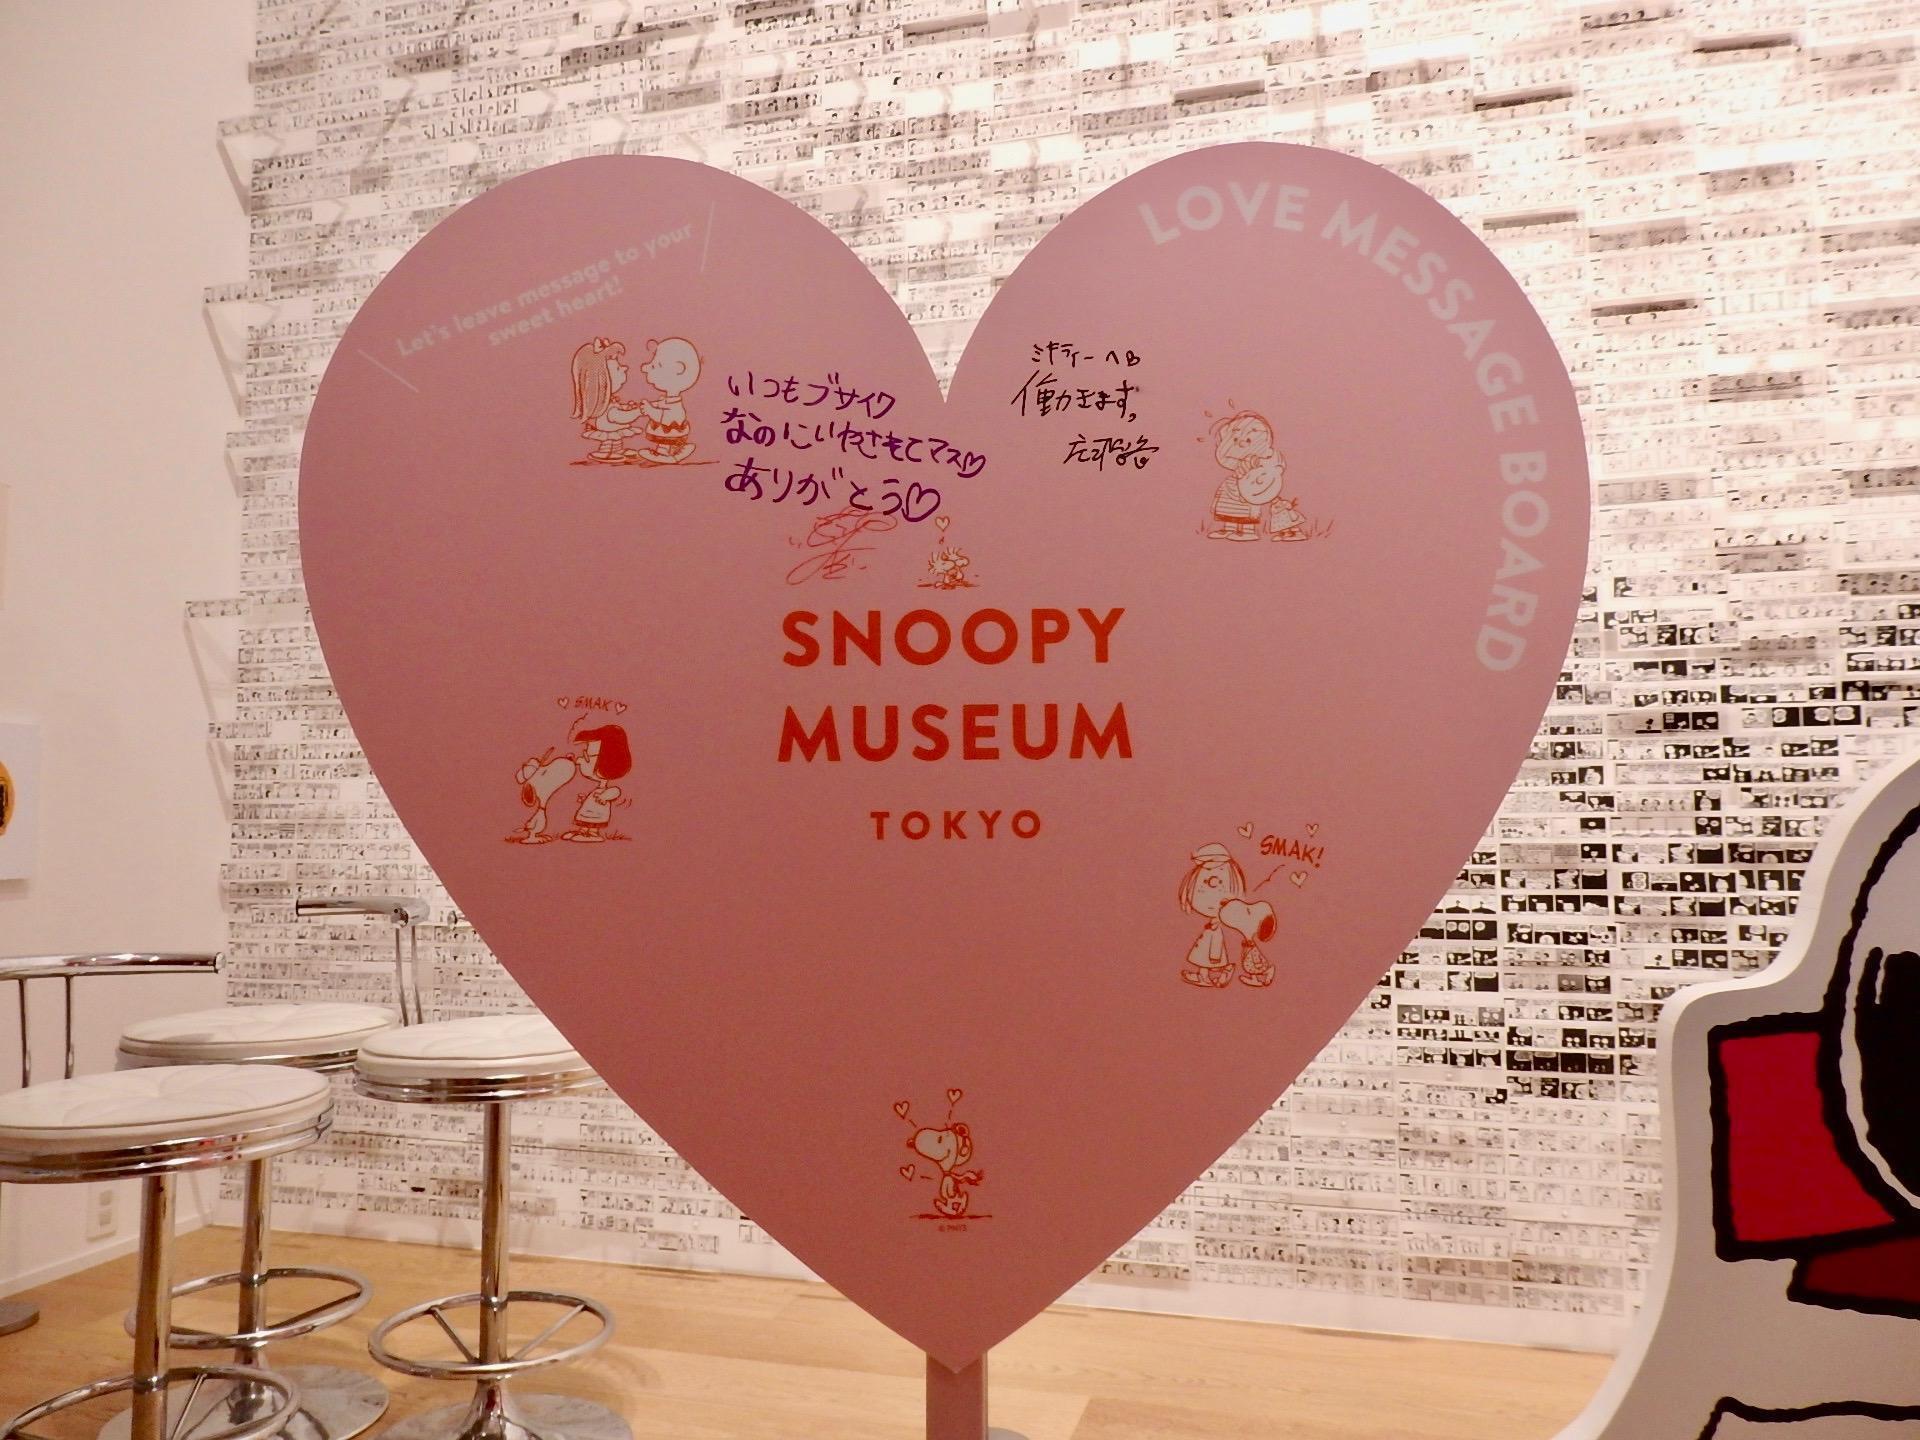 http://news.yoshimoto.co.jp/20180206180847-588a4e8ff4f486c7f45857e075acd652cb262921.jpg